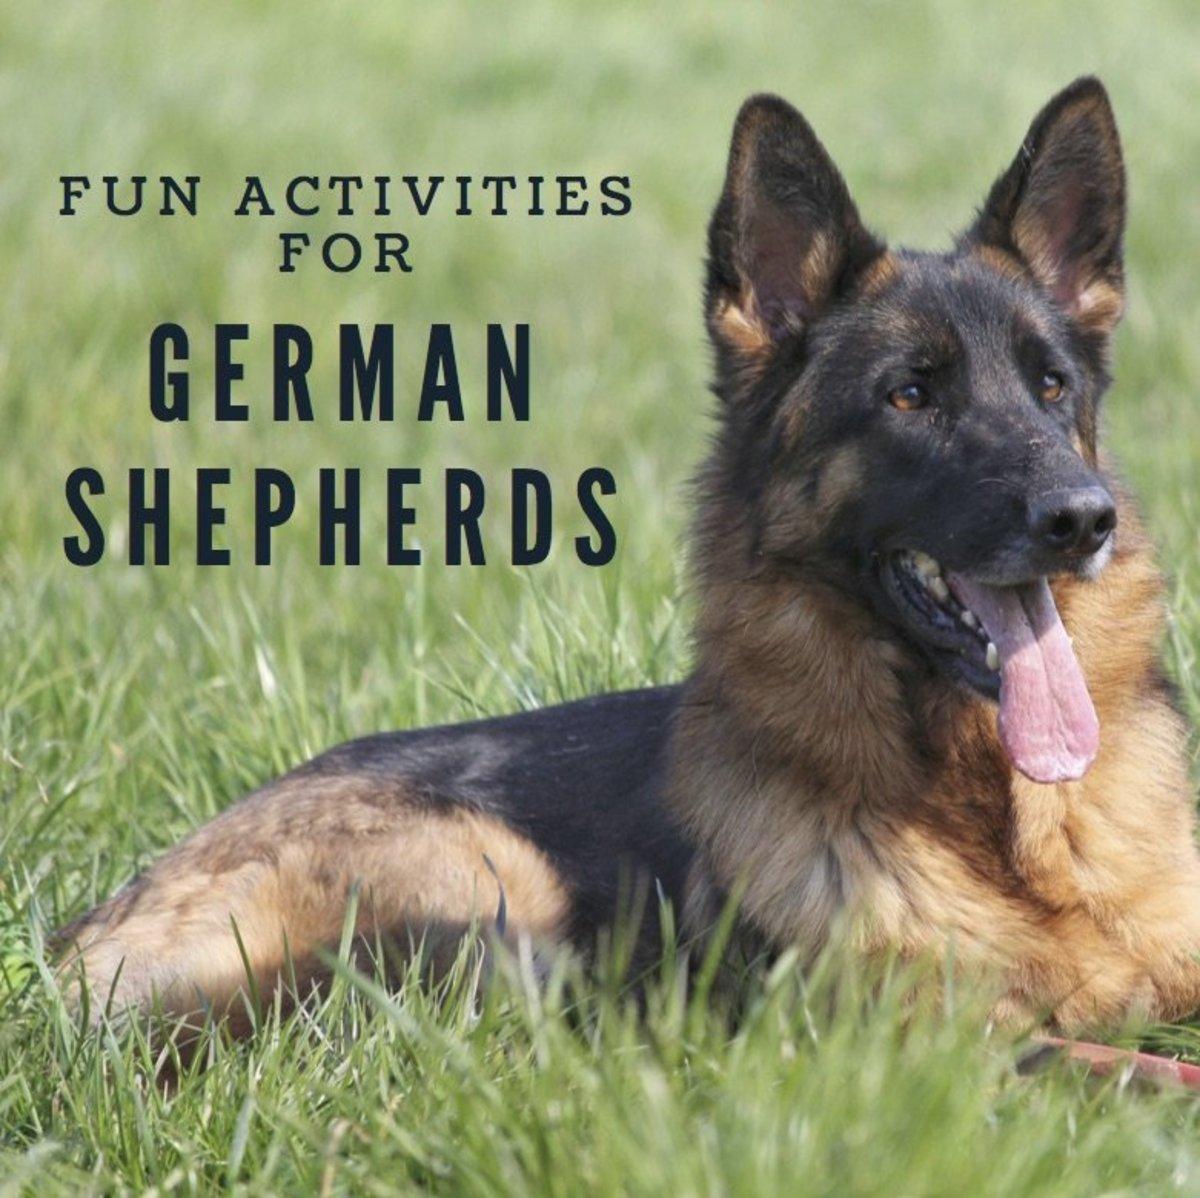 Fun Activities for German Shepherds